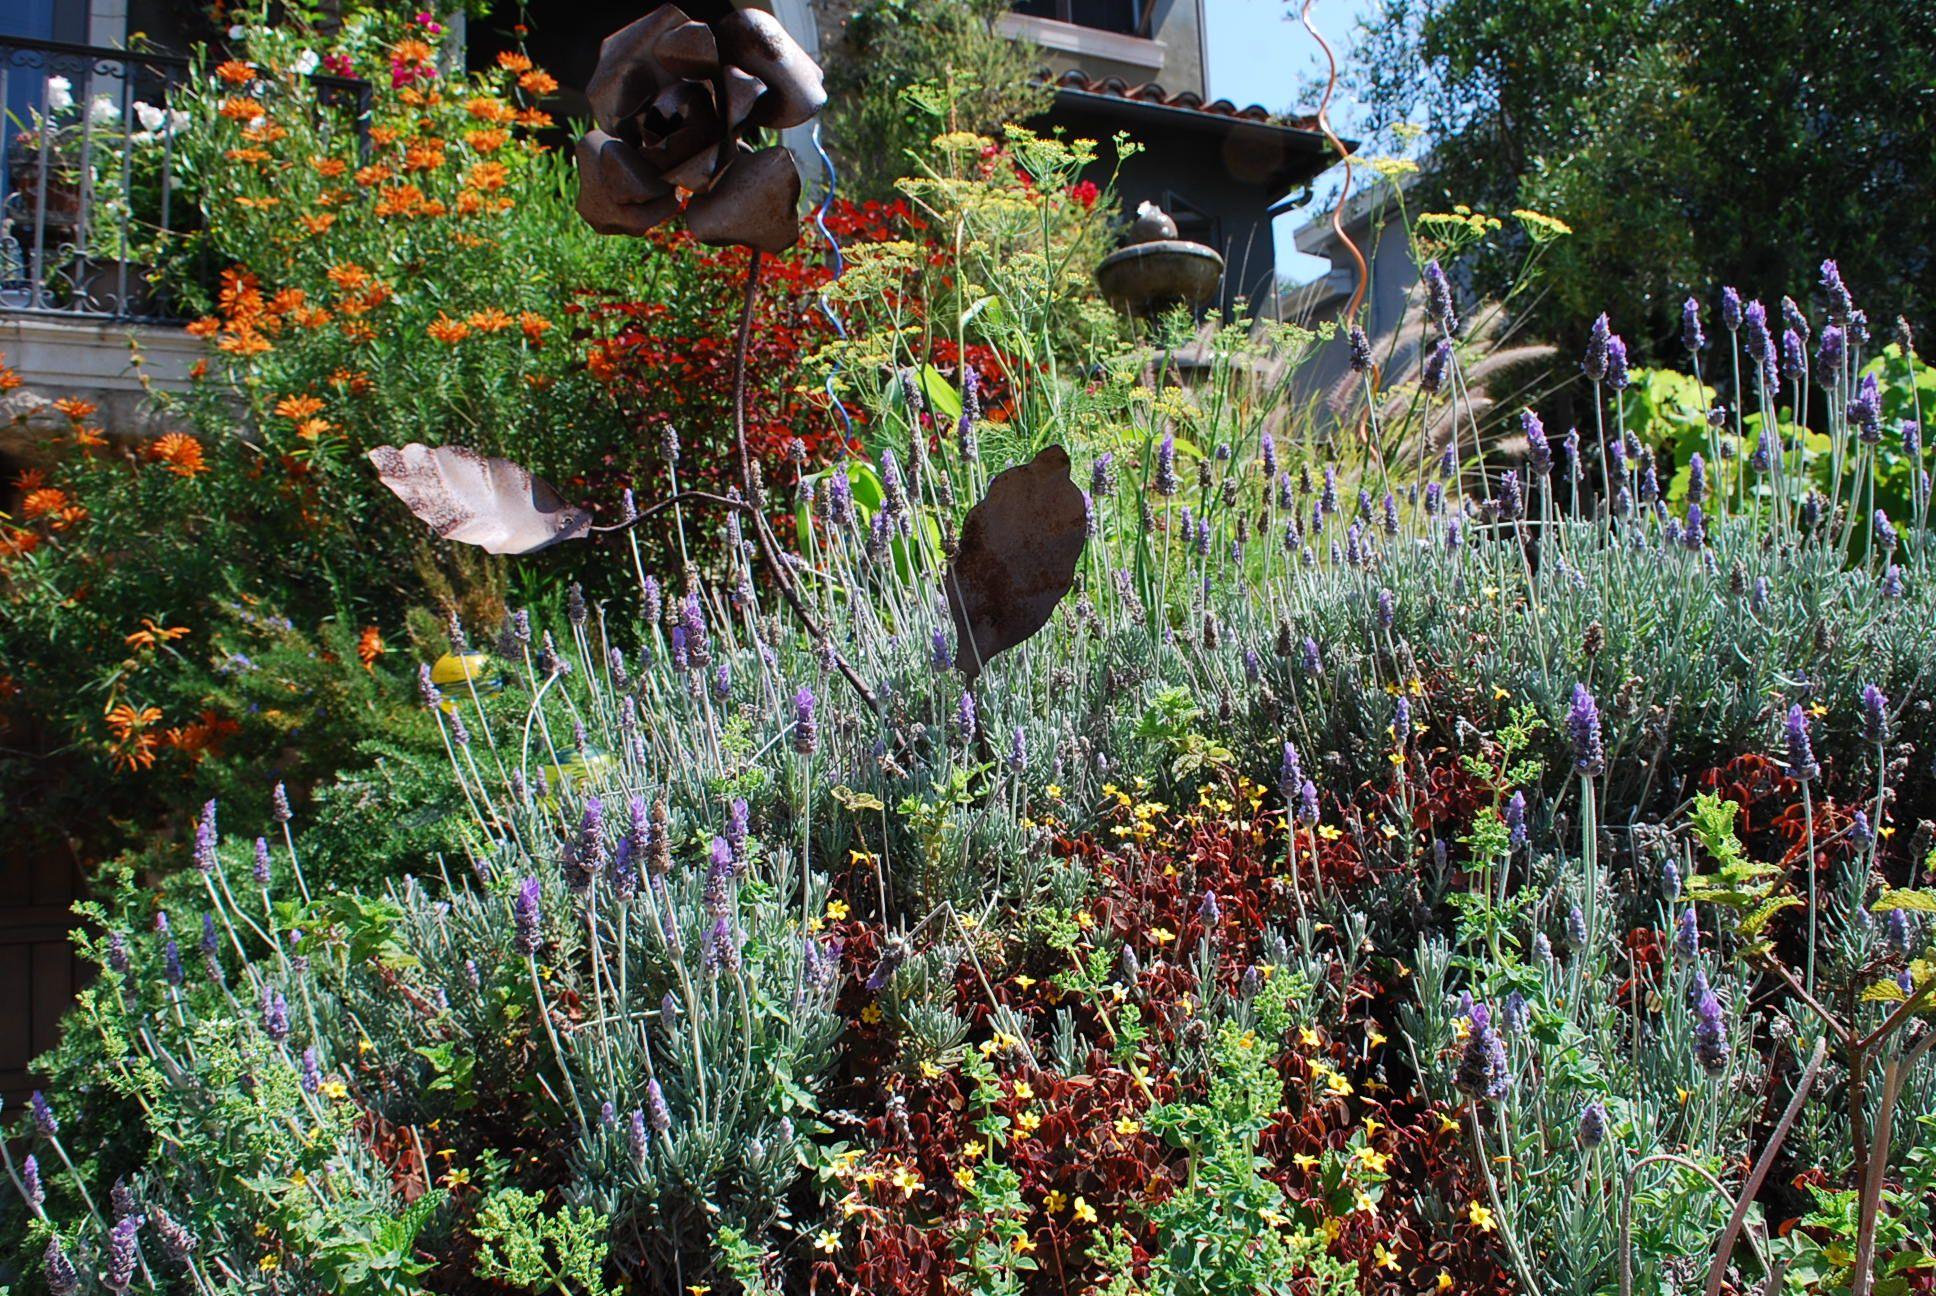 Hgel Frontyard Edible Landscape Rosemary Lavender Mint 400 x 300